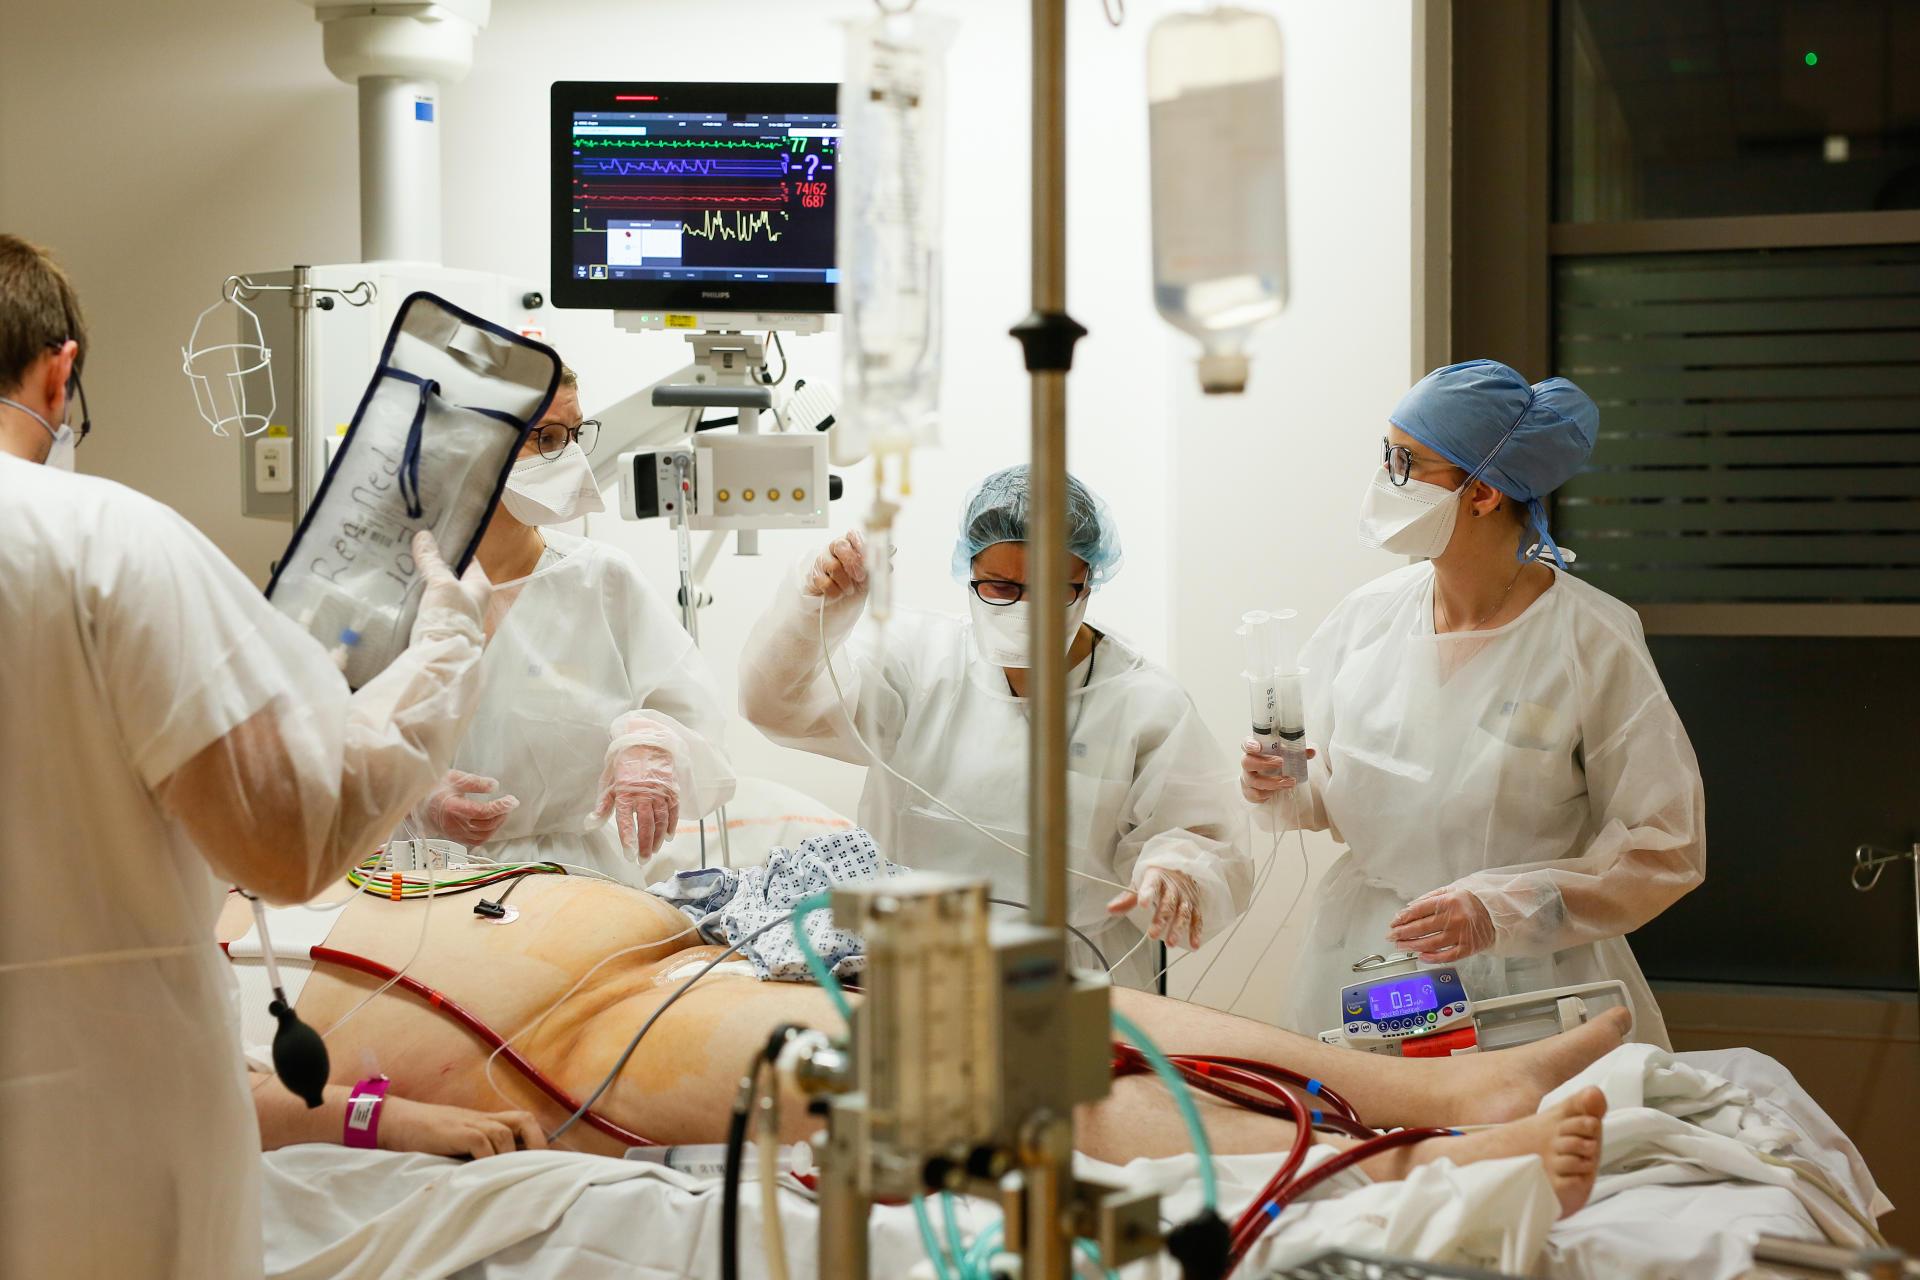 Les équipes médicales s'affairent pour gérer au mieux l'arrivée d'un patient atteint du Covid-19, en situation critique, en provenance de Saint-Avold, le 3 avril 2021.